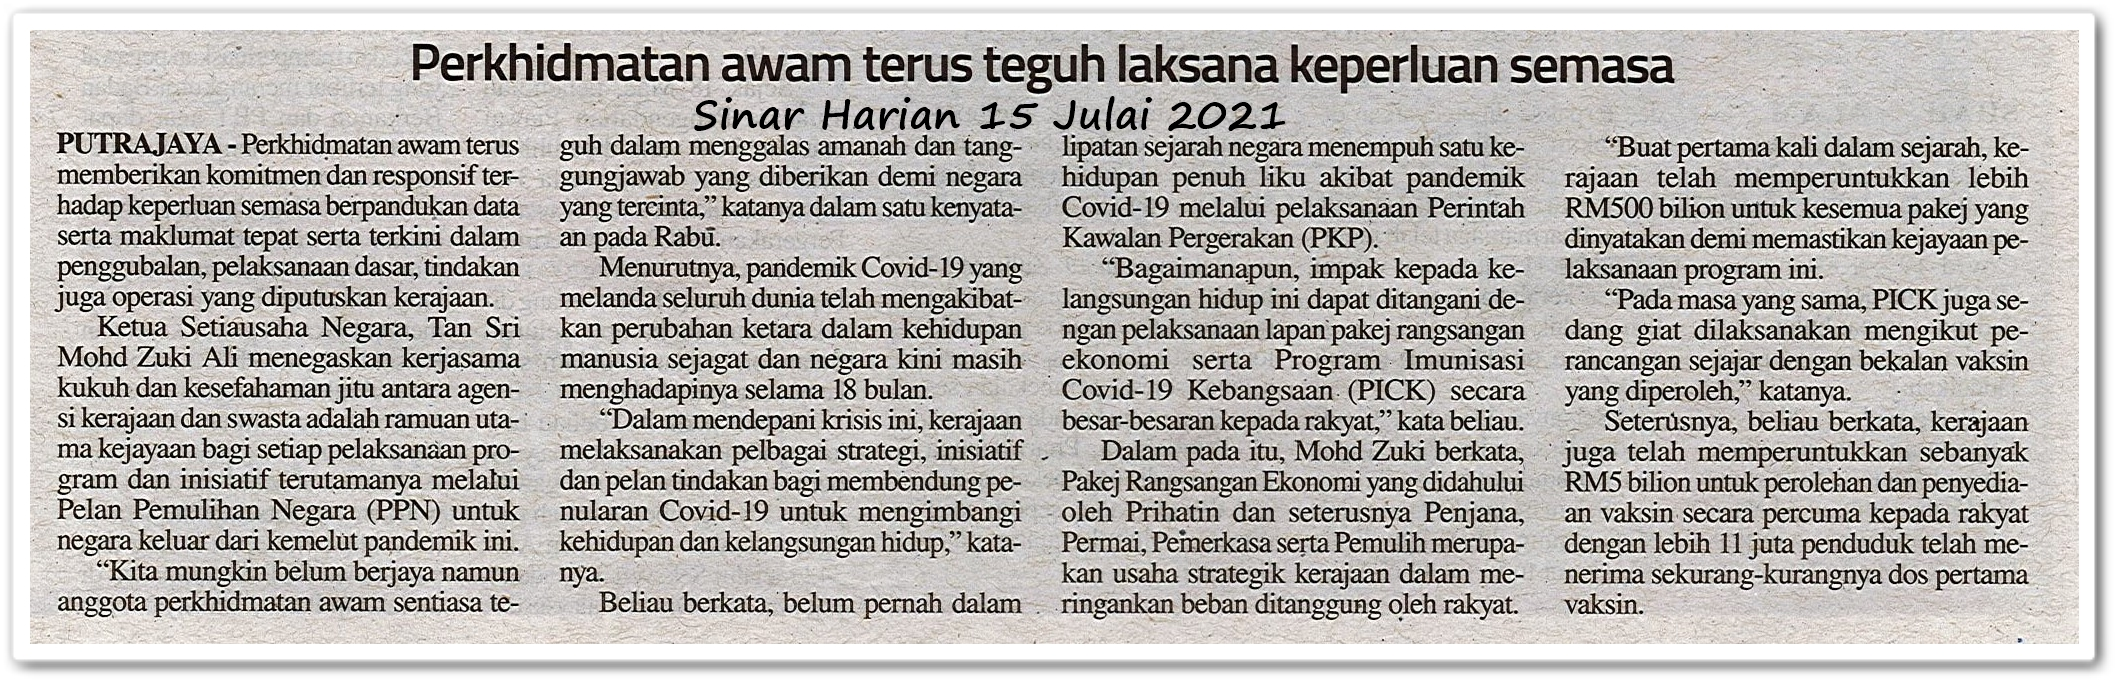 Perkhidmatan awam terus teguh laksana keperluan semasa - Keratan akhbar Sinar Harian 15 Julai 2021